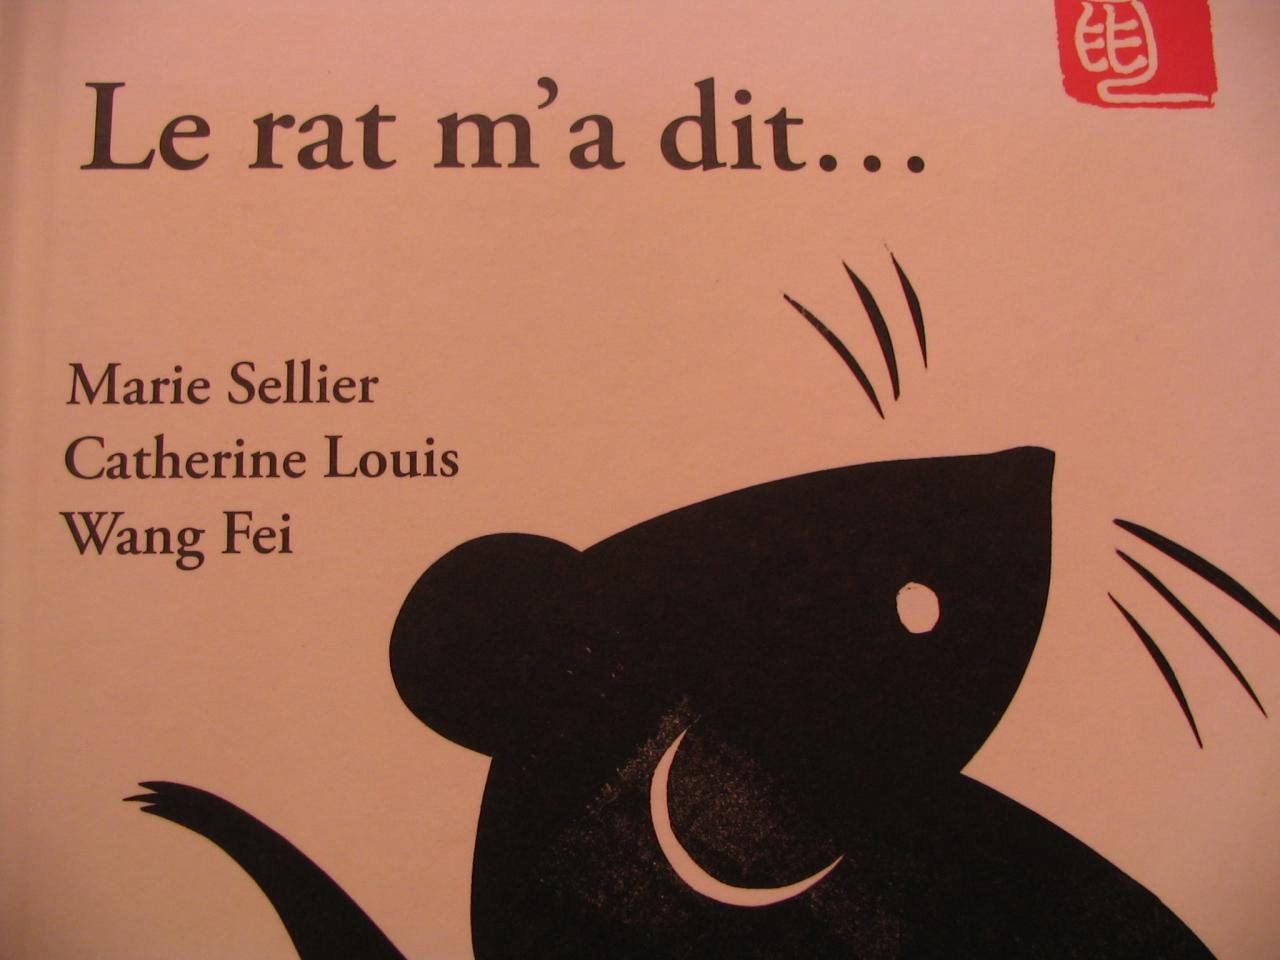 le rat m'a dit